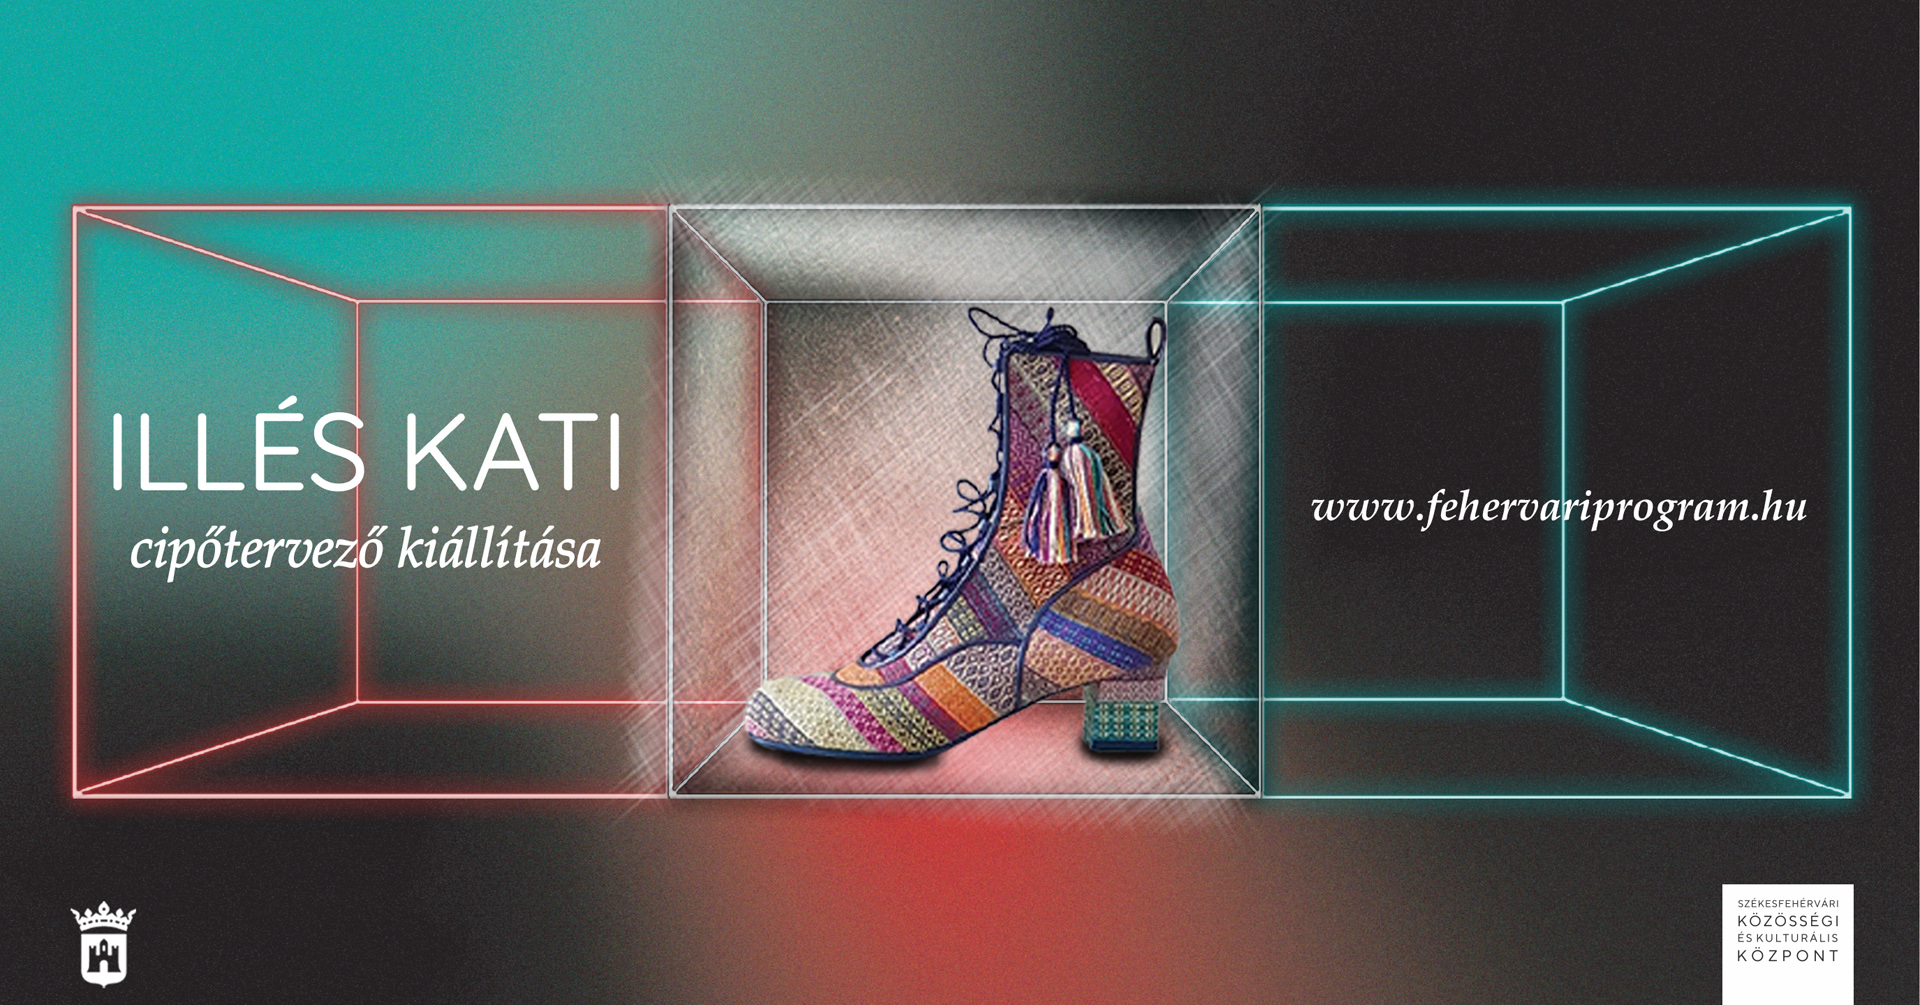 Illés Kati cipőtervező kiállítása @ Székesfehérvári Közösségi és Kulturális Központ